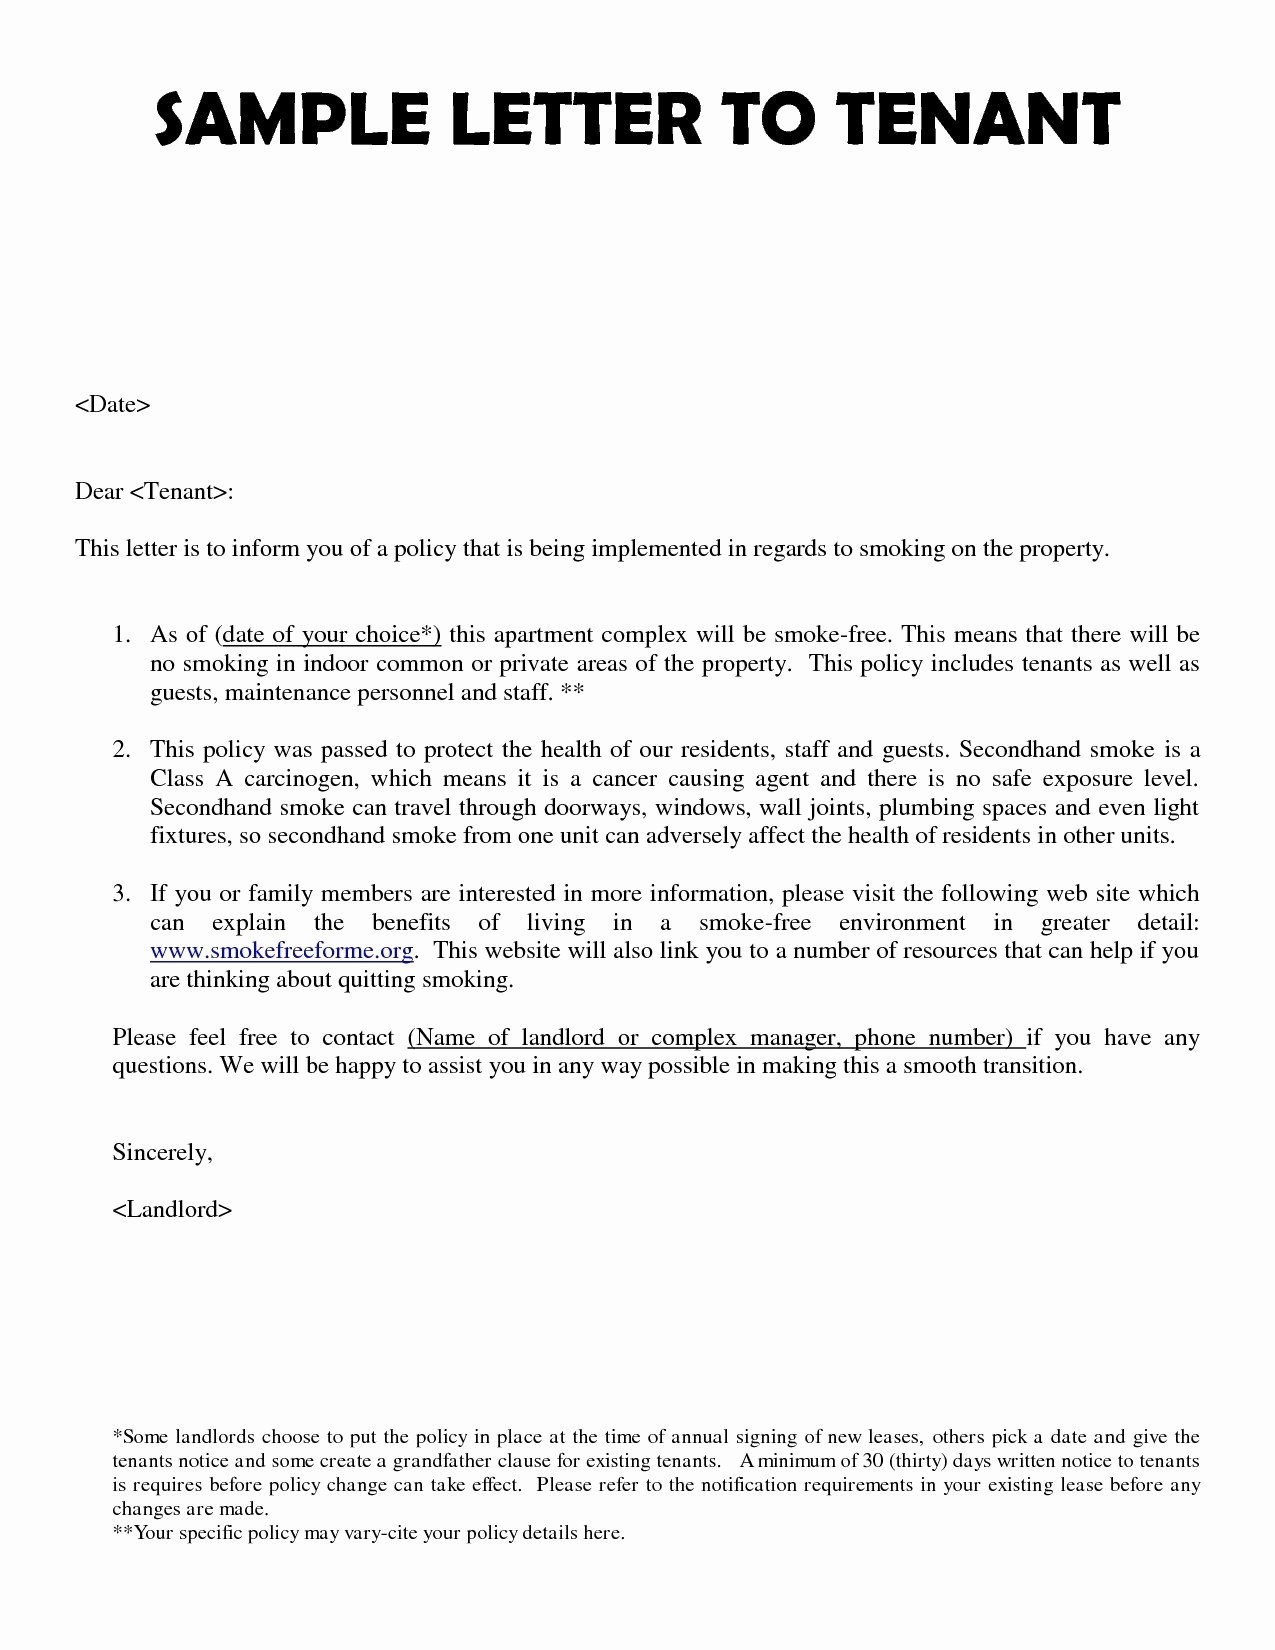 Change Of Management Letter Template Unique New Management Letter to Tenants Template Gallery